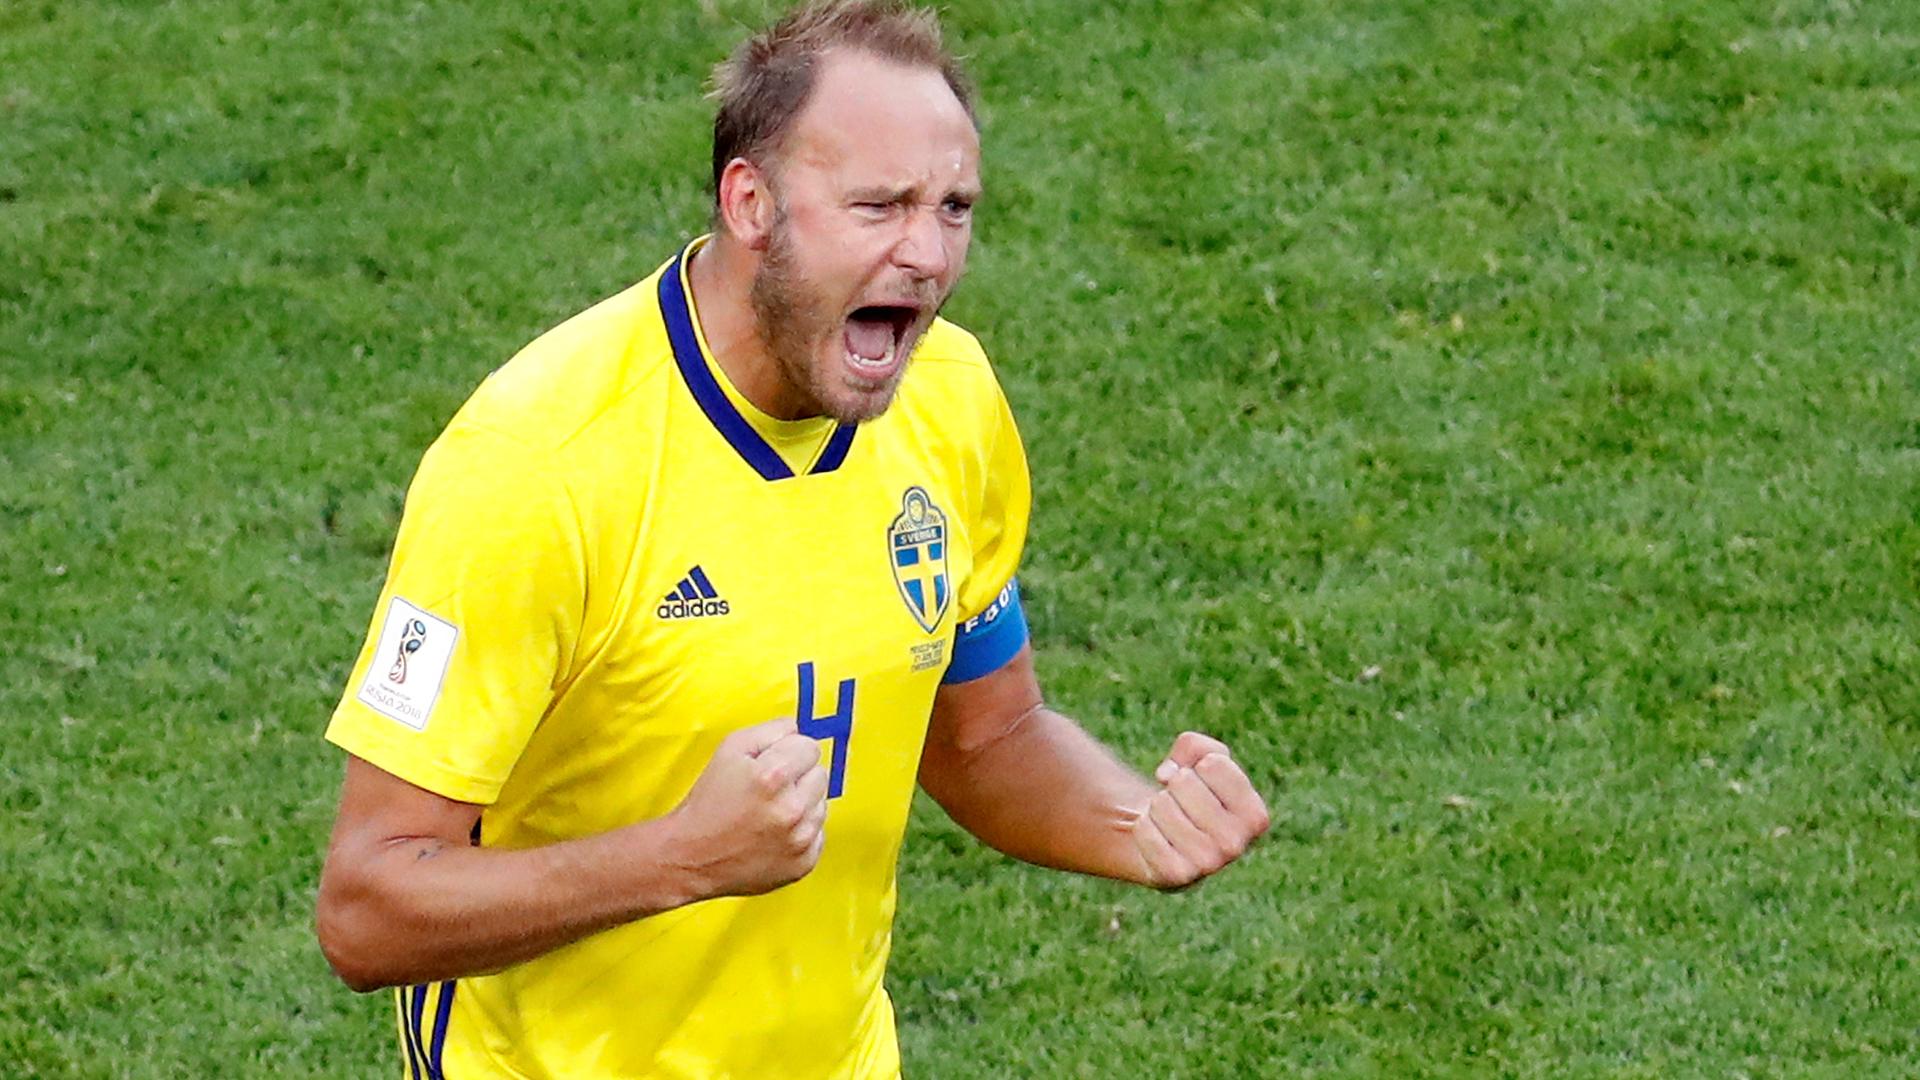 Sverige leder par vm infor sista ronden 3